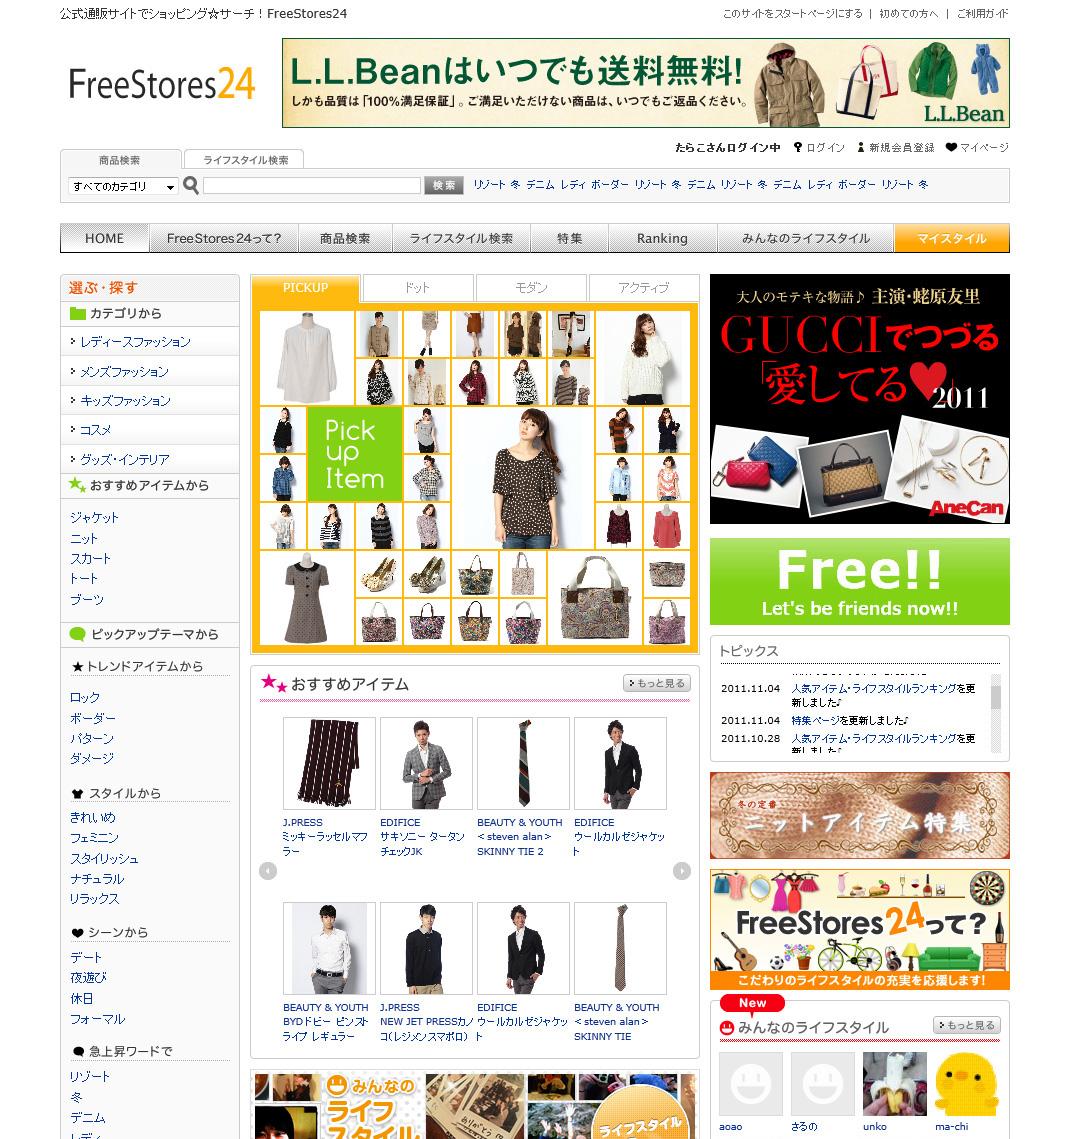 日本初!ブランド直販サイトをクロッシング検索 直販アイテム横断検索サービス  「FreeStores24」 2011年11月24日  正式オープン ~ 新たなブランドとの出会いをサポート ~